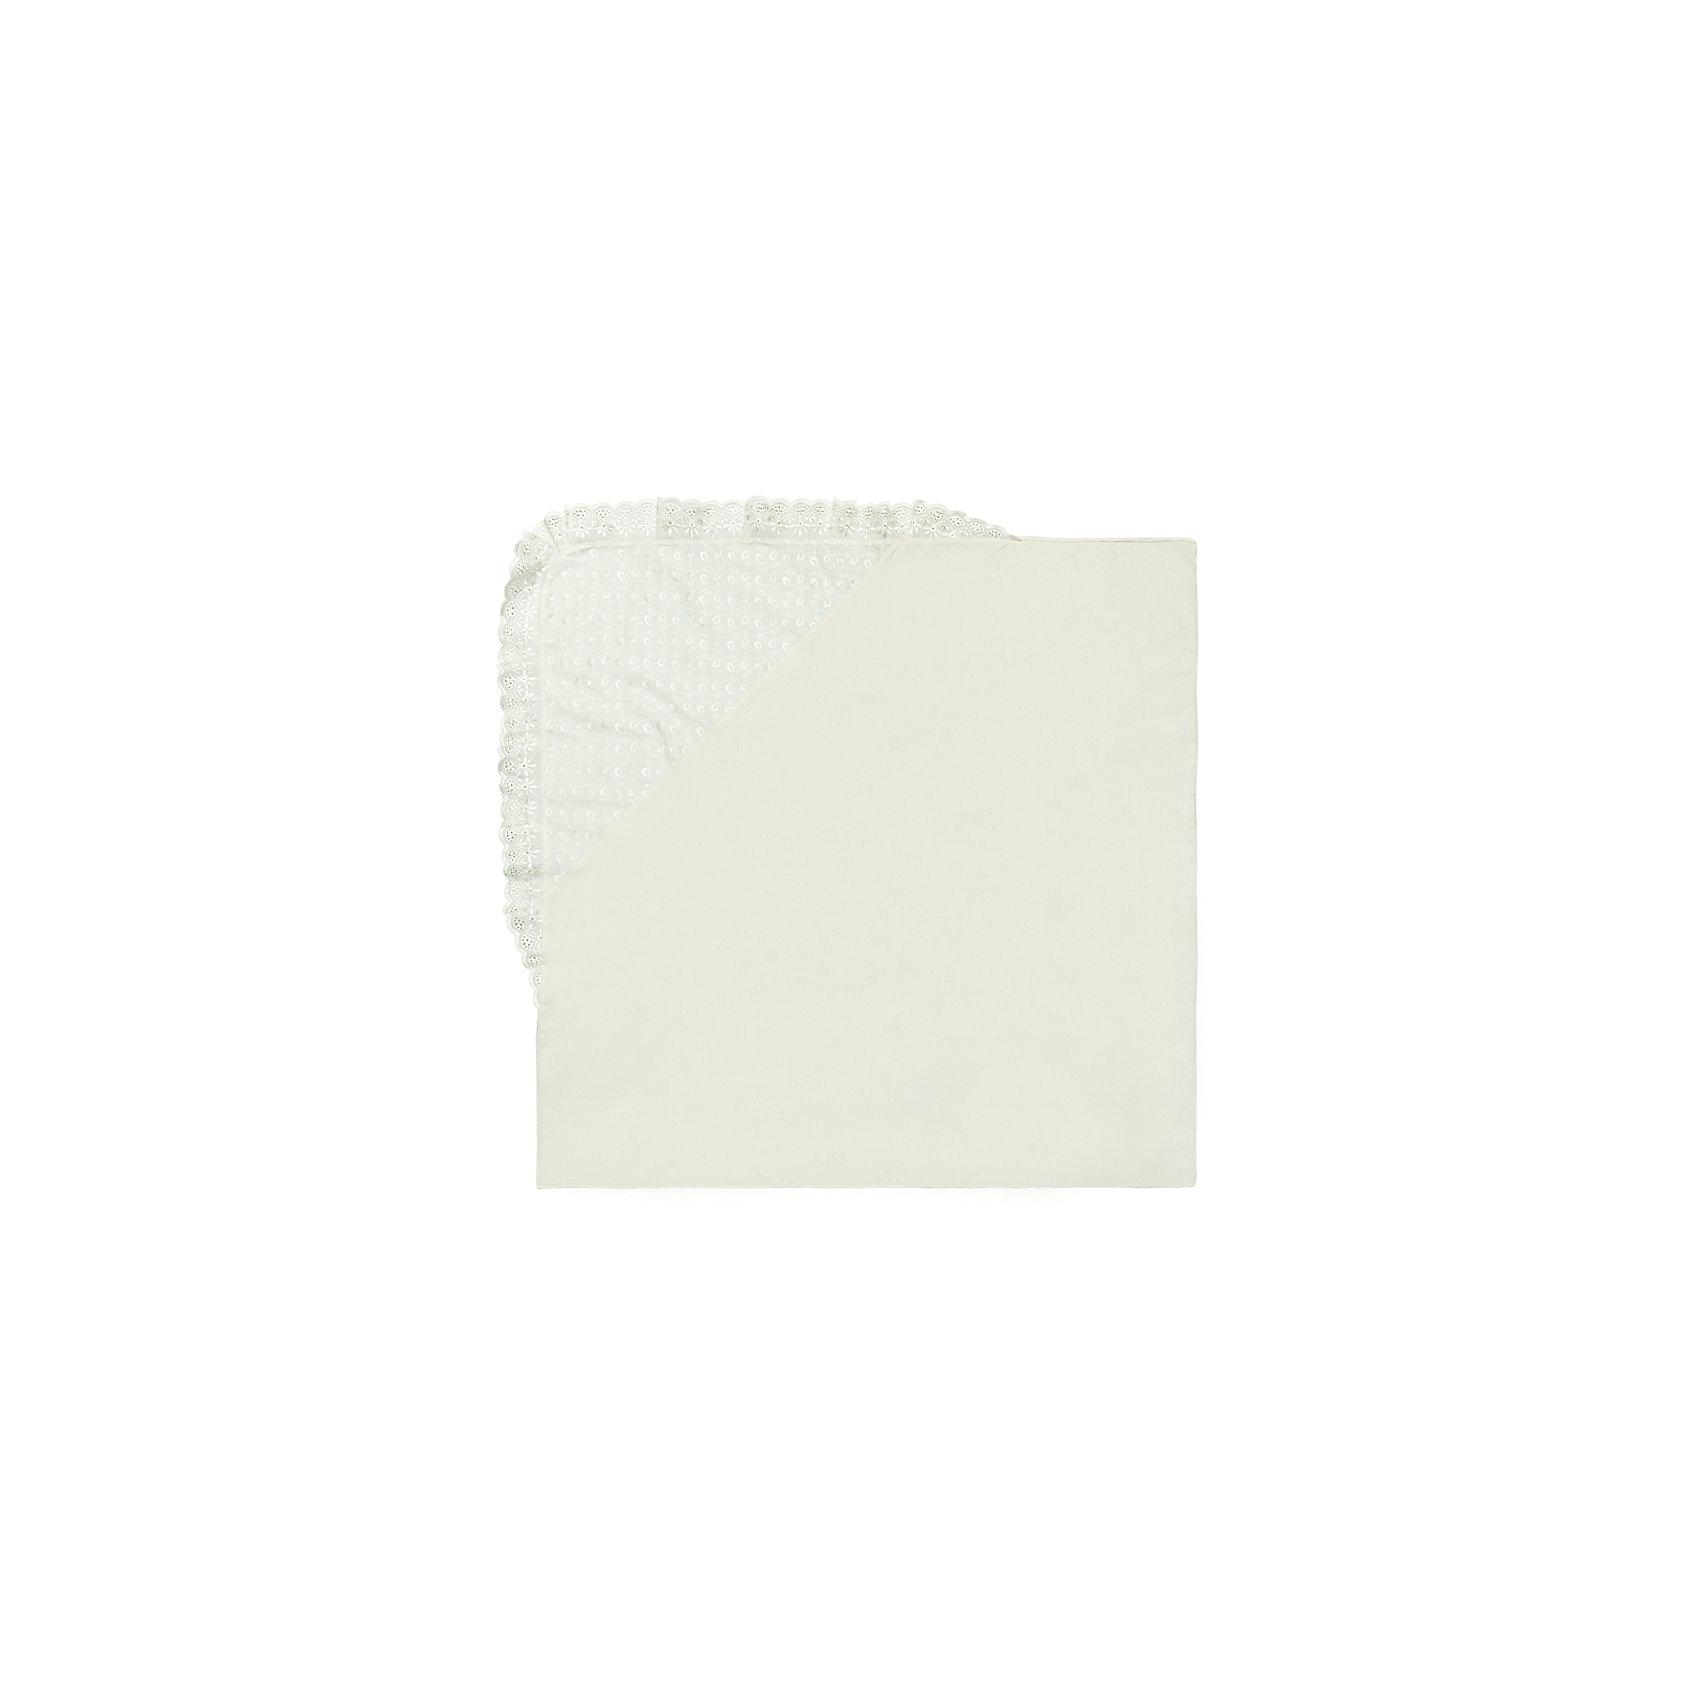 Пеленка-уголок для выписки Лето, Сонный гномик, бежевыйПеленка-уголок для выписки Лето, Сонный гномик, бежевый – необходимый аксессуар для выписки. Уголок выполнен из тончайшего сатина высокого качества, украшен ажурным шитьем. Пеленку уголок можно использовать под любой плед или конверт.<br>Пеленка-уголок для выписки Лето, Сонный гномик, бежевый создаст неповторимый праздничный образ вашего малыша.<br><br>Дополнительная информация:<br><br>- Предназначение: для выписки<br>- Материал: сатин, шитье<br>- Пол: для мальчика/для девочки<br>- Цвет: бежевый<br>- Размеры (Д*Ш): 90*90 см<br>- Вес: 100 г<br>- Особенности ухода: разрешается стирка при температуре не более 40 градусов<br><br>Подробнее:<br><br>• Для детей в возрасте от 0 месяцев и до 3 месяцев<br>• Страна производитель: Россия<br>• Торговый бренд: Leader kids<br><br>Пеленку-уголок для выписки Лето, Сонный гномик, бежевый можно купить в нашем интернет-магазине.<br><br>Ширина мм: 90<br>Глубина мм: 90<br>Высота мм: 100<br>Вес г: 100<br>Возраст от месяцев: 0<br>Возраст до месяцев: 4<br>Пол: Унисекс<br>Возраст: Детский<br>SKU: 4922762